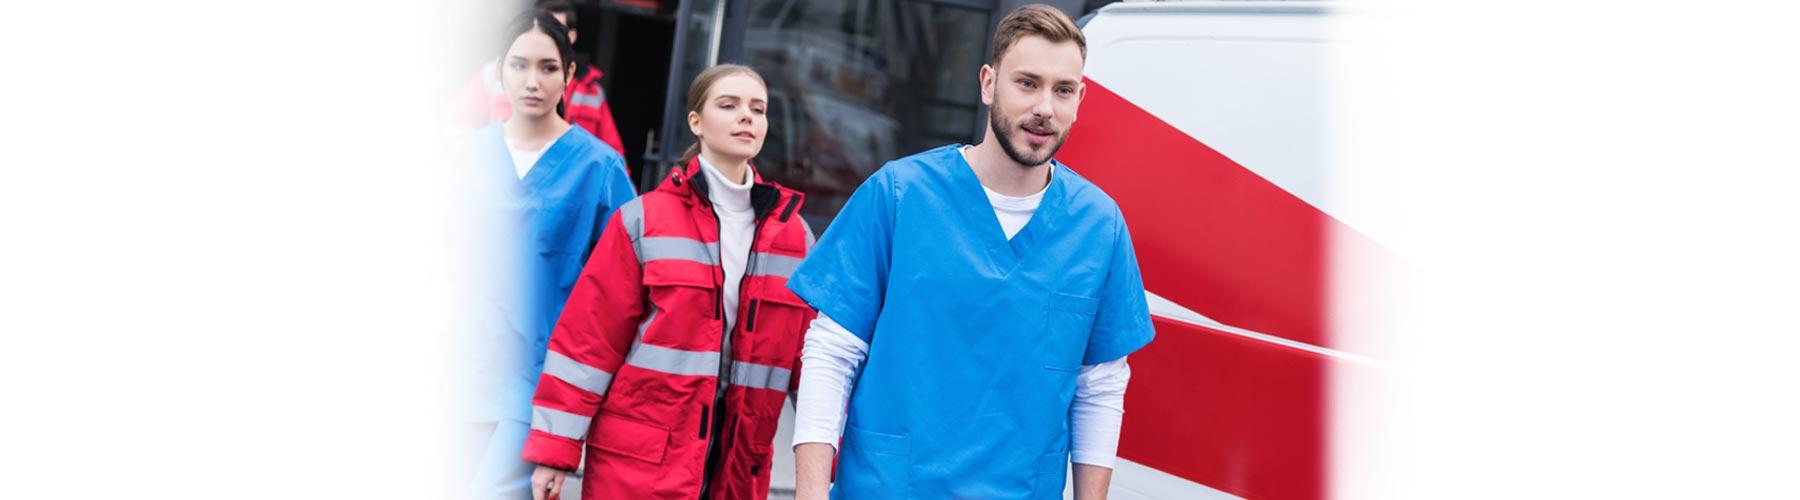 Máster en Urgencias y Emergencias en Enfermería, qué debo saber